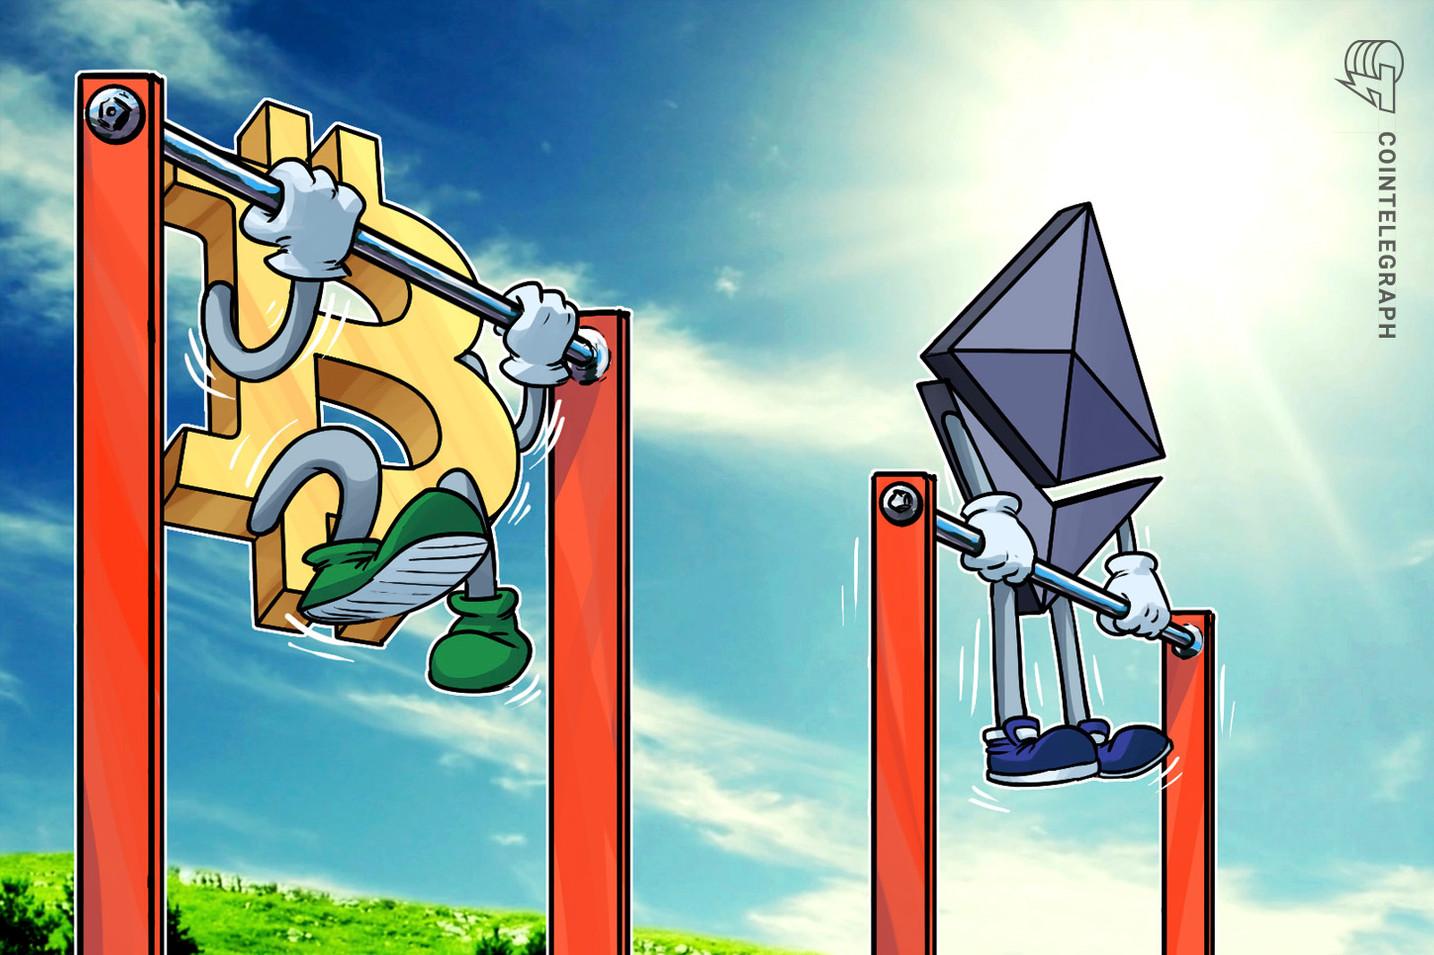 仮想通貨の預金口座手がける米ブロックファイ、3ヵ月足らずで預かり額が1億ドルを突破